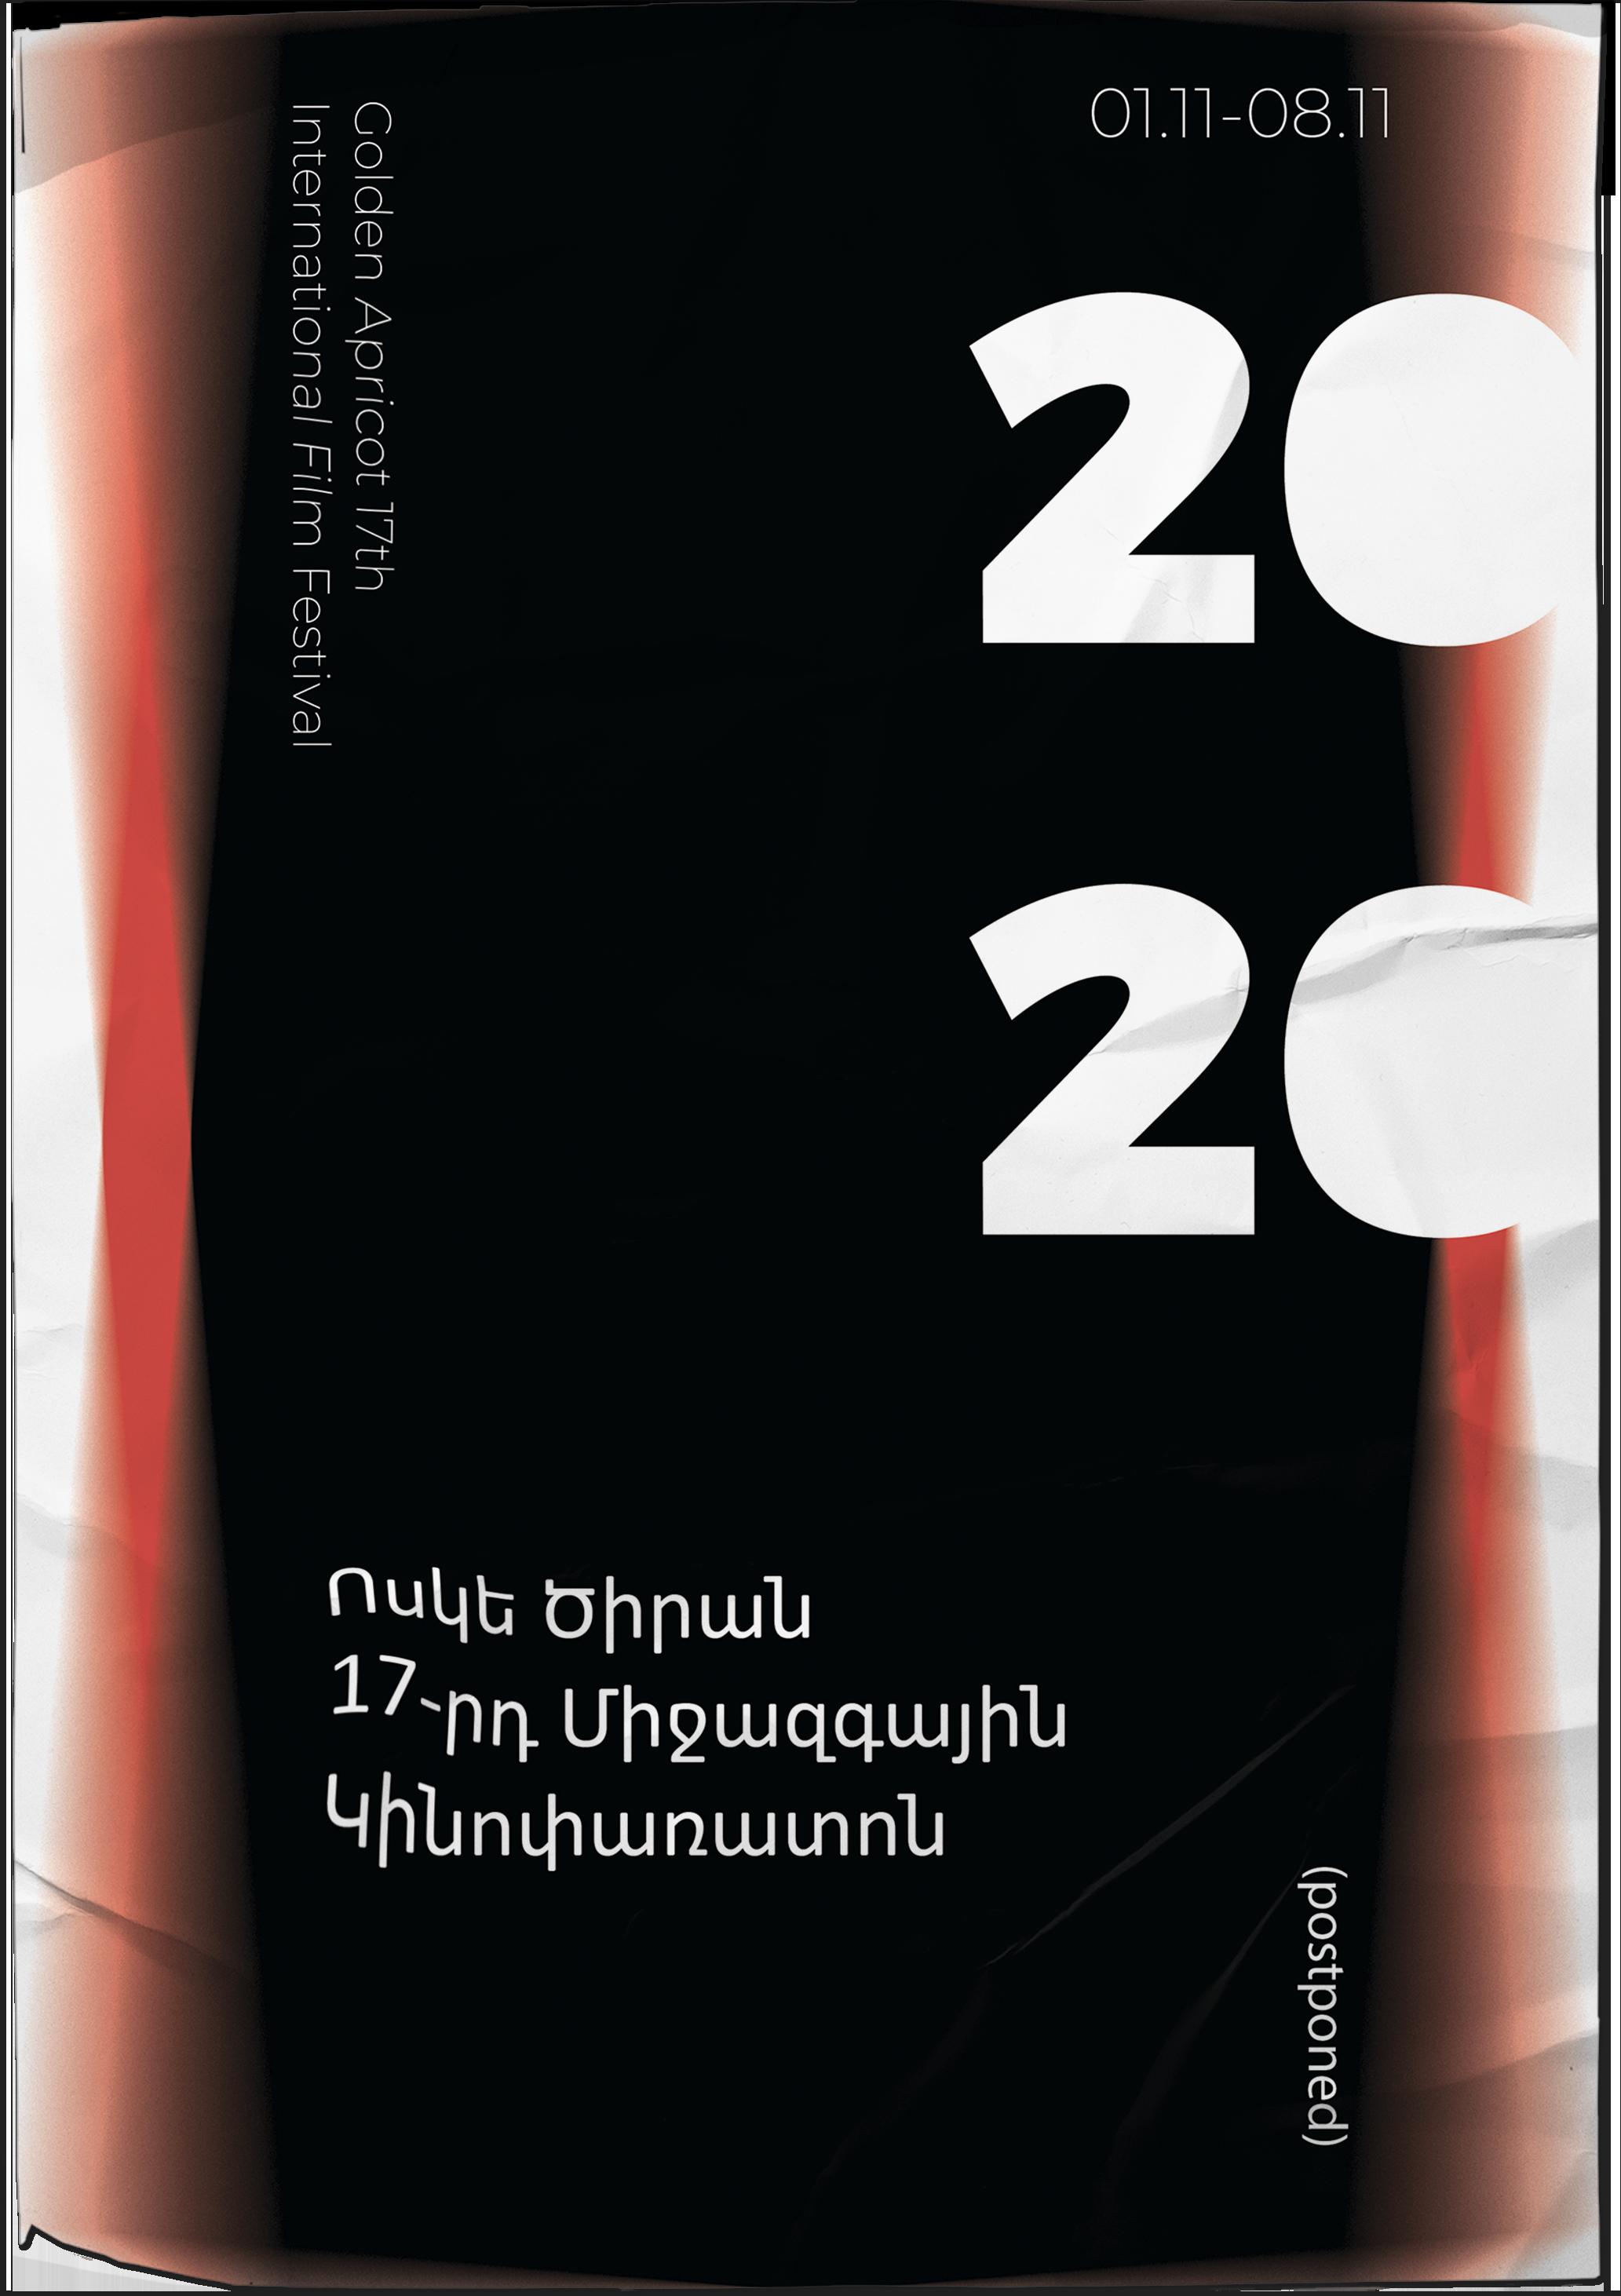 5013 - Թումո ստուդիաների բացման ցուցահանդեսը